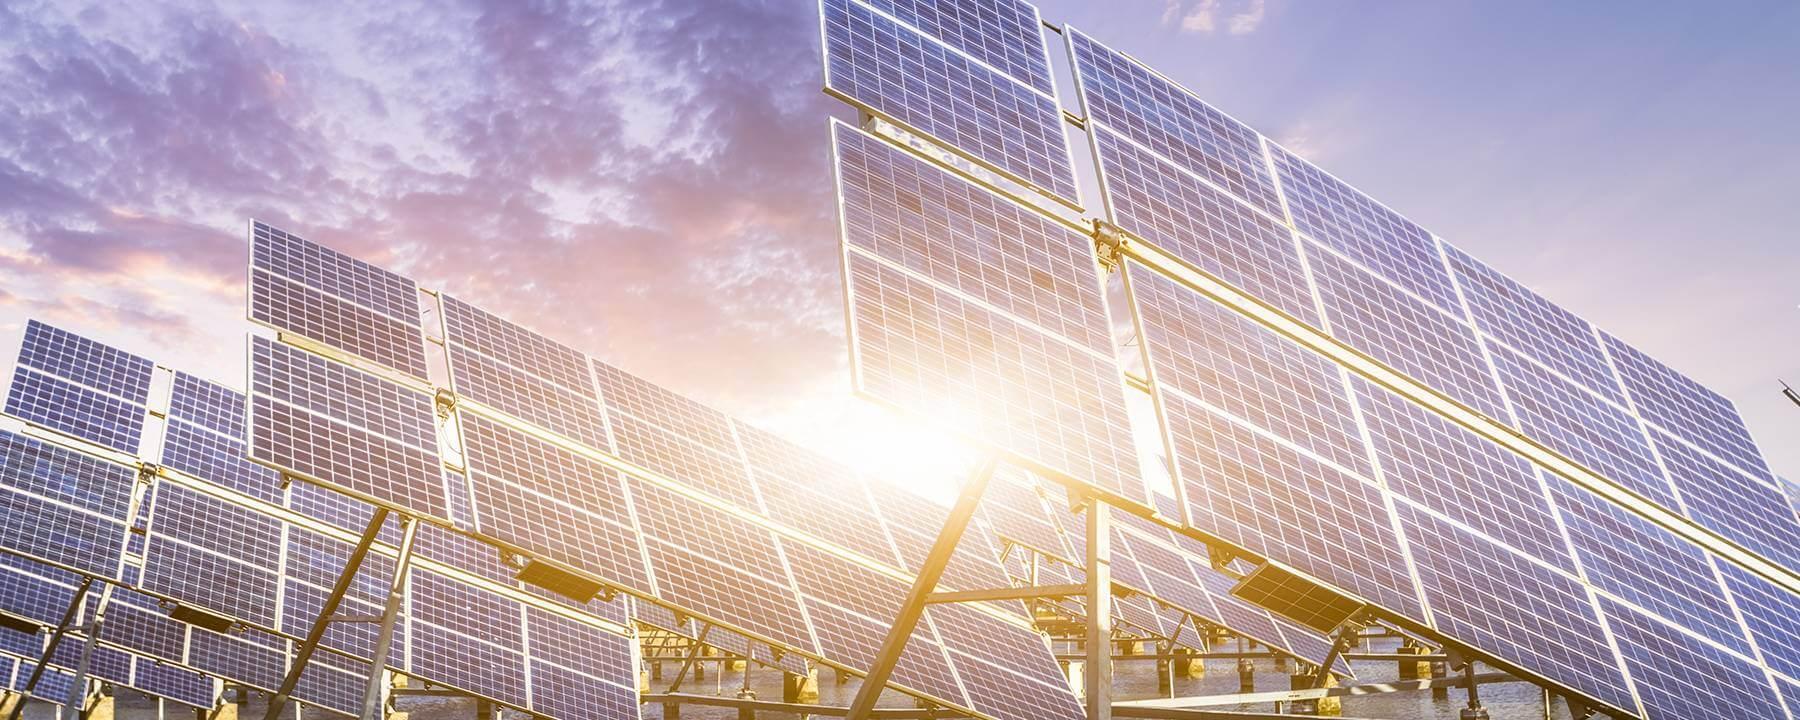 Energia solar fotovoltaica: entenda o que é, como funciona e os seus benefícios